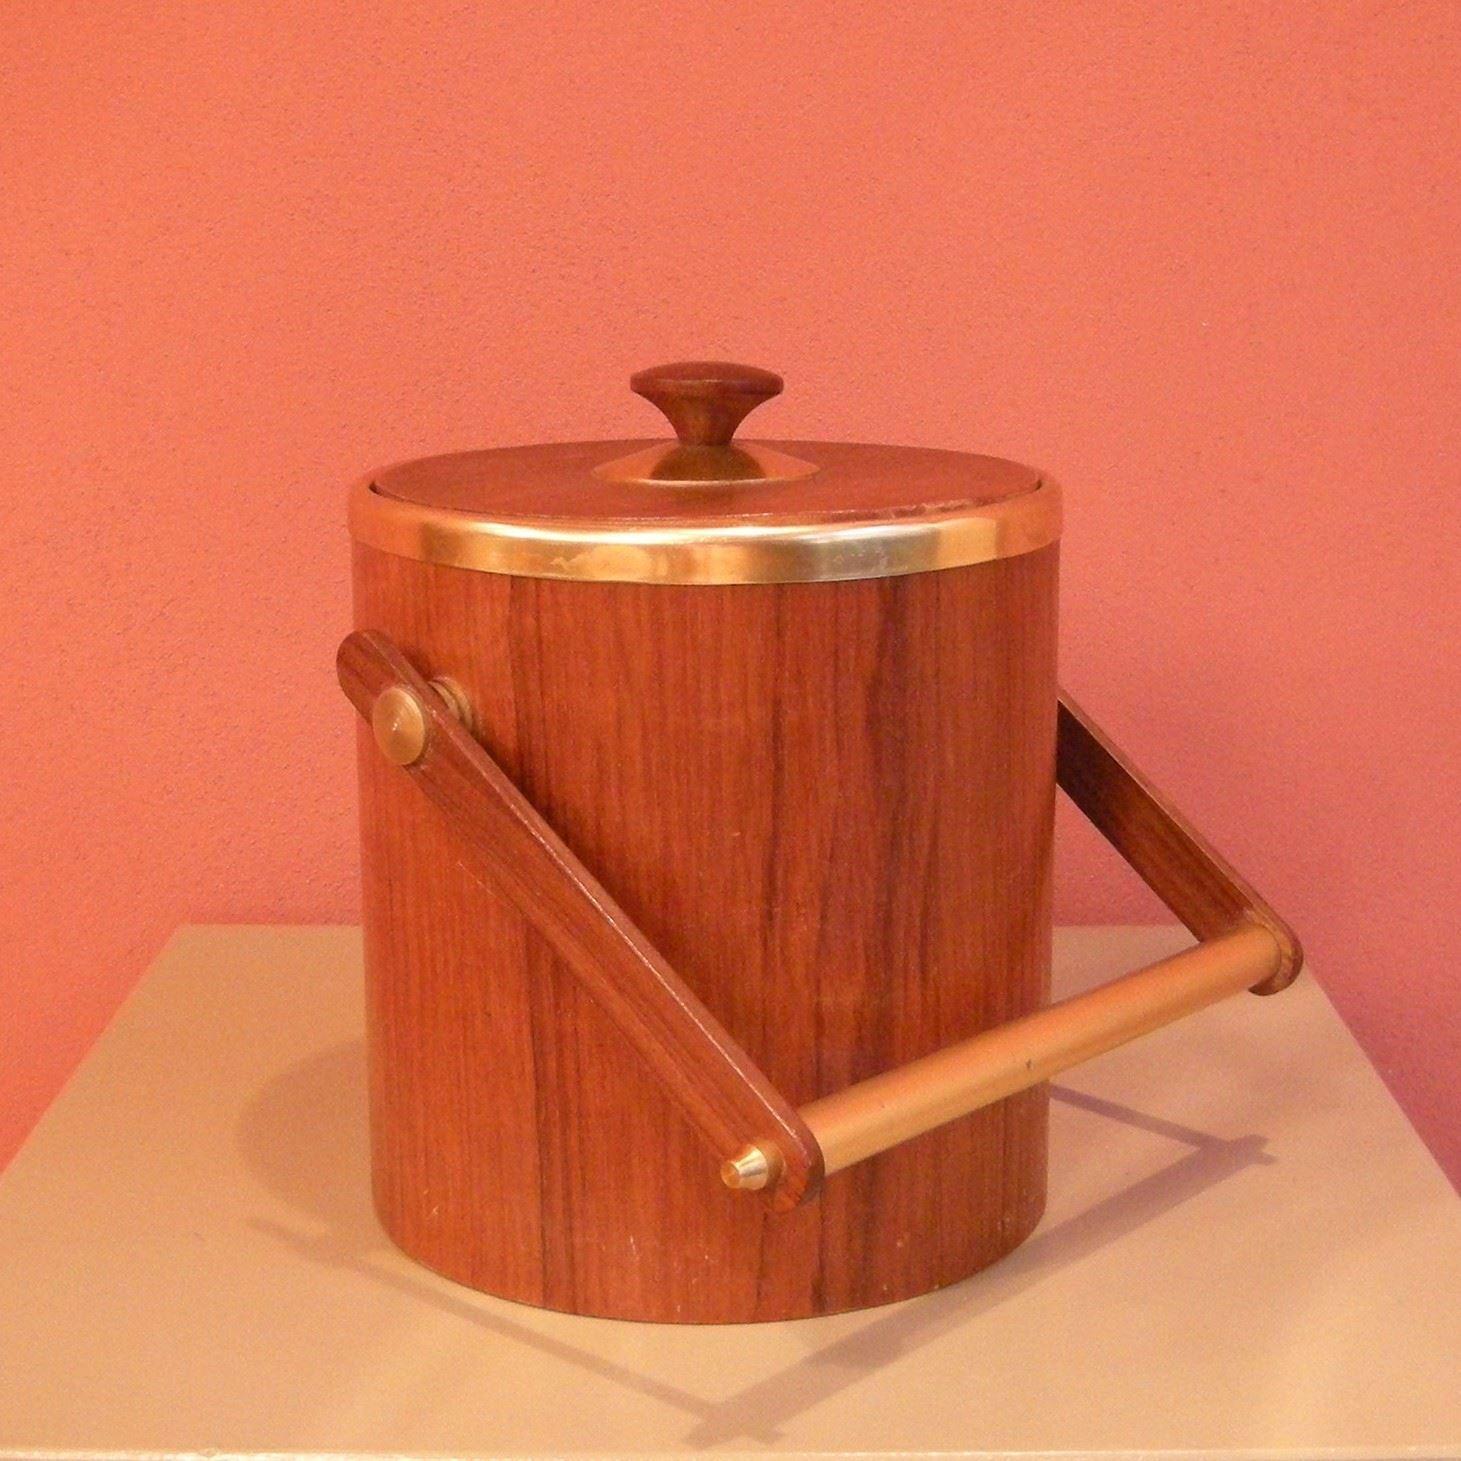 Portaghiaccio anni 50 60 in teak lelabo modernariato e design a bologna - Mobili in teak anni 60 ...